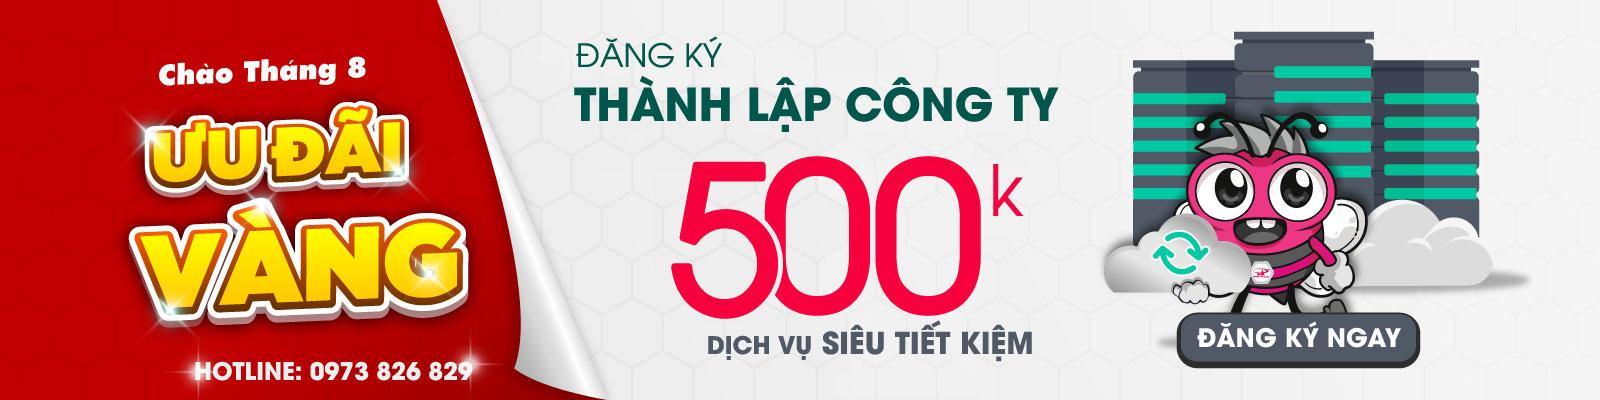 Banner dịch vụ thành lập công ty 500k